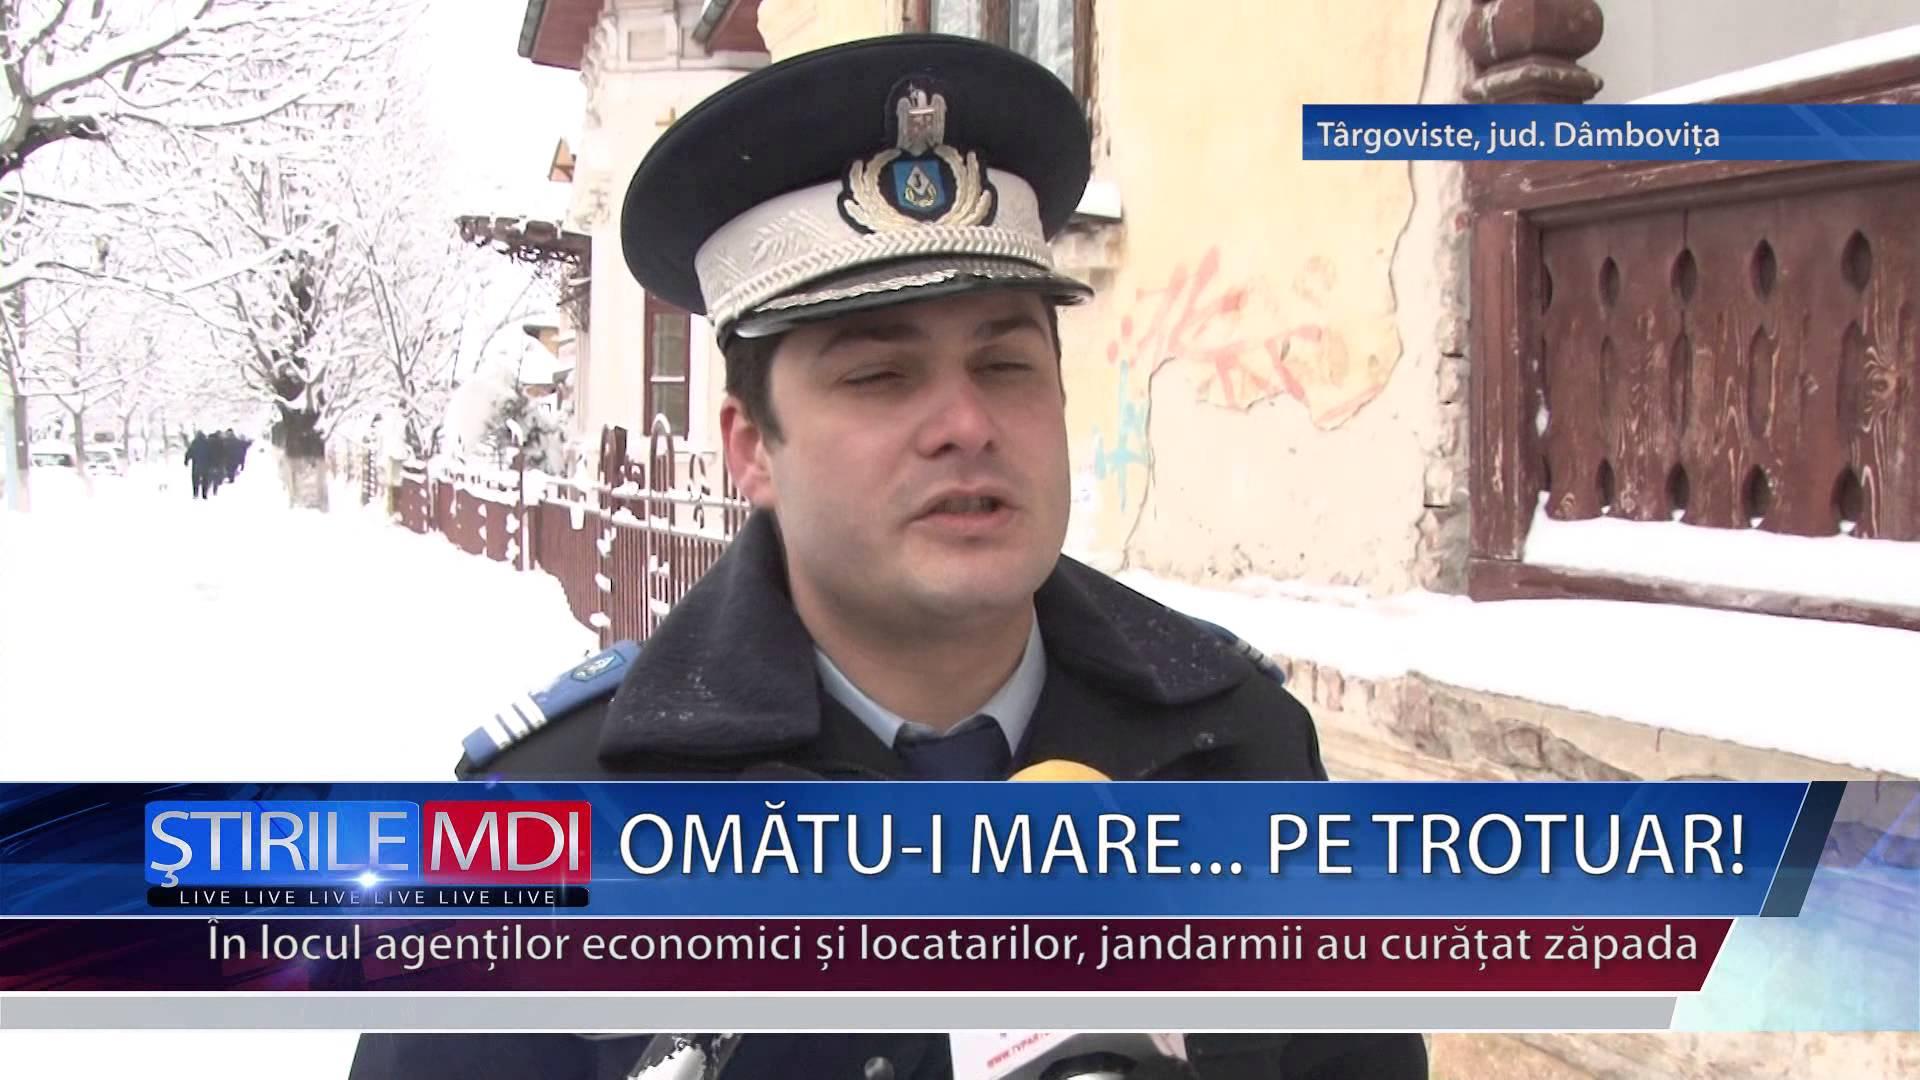 OMATU-I MARE… PE TROTUAR!